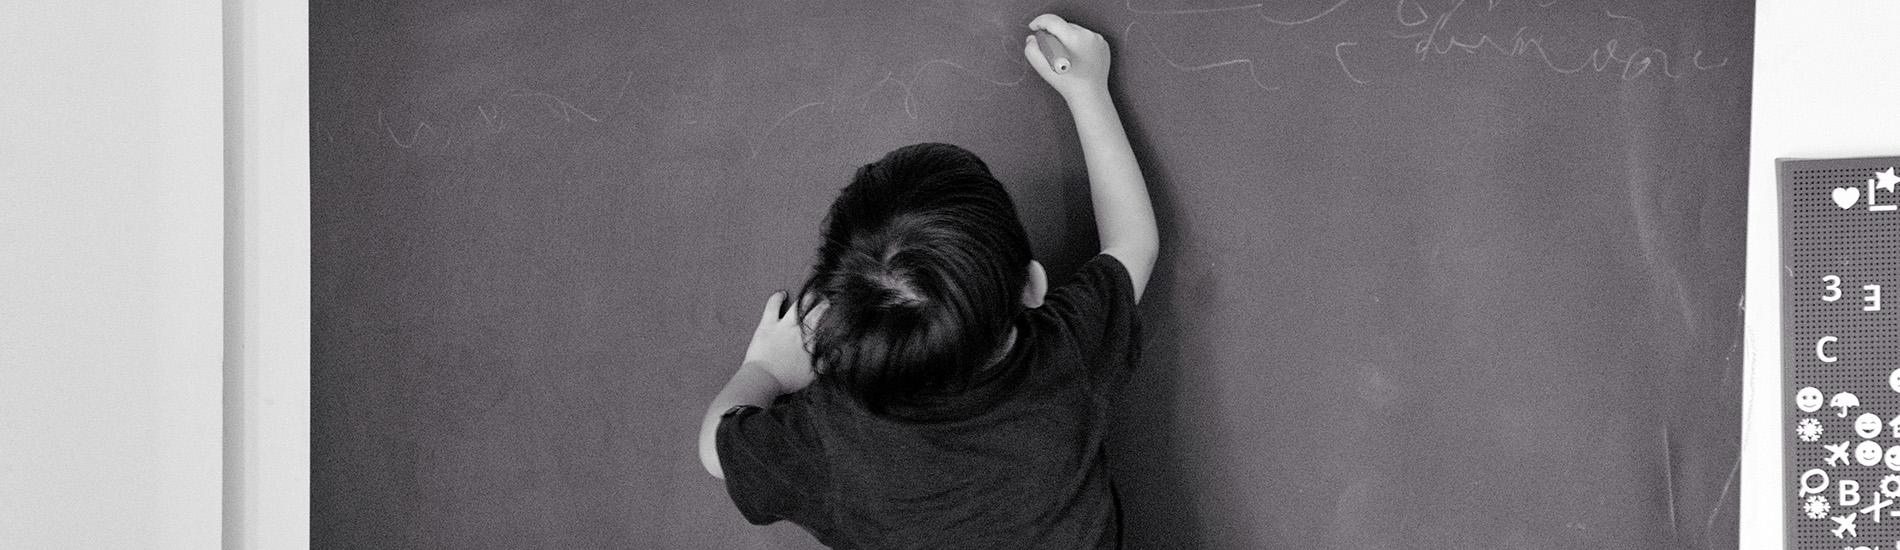 Ποιες ασθένειες απειλούν τα παιδιά το φθινόπωρο;